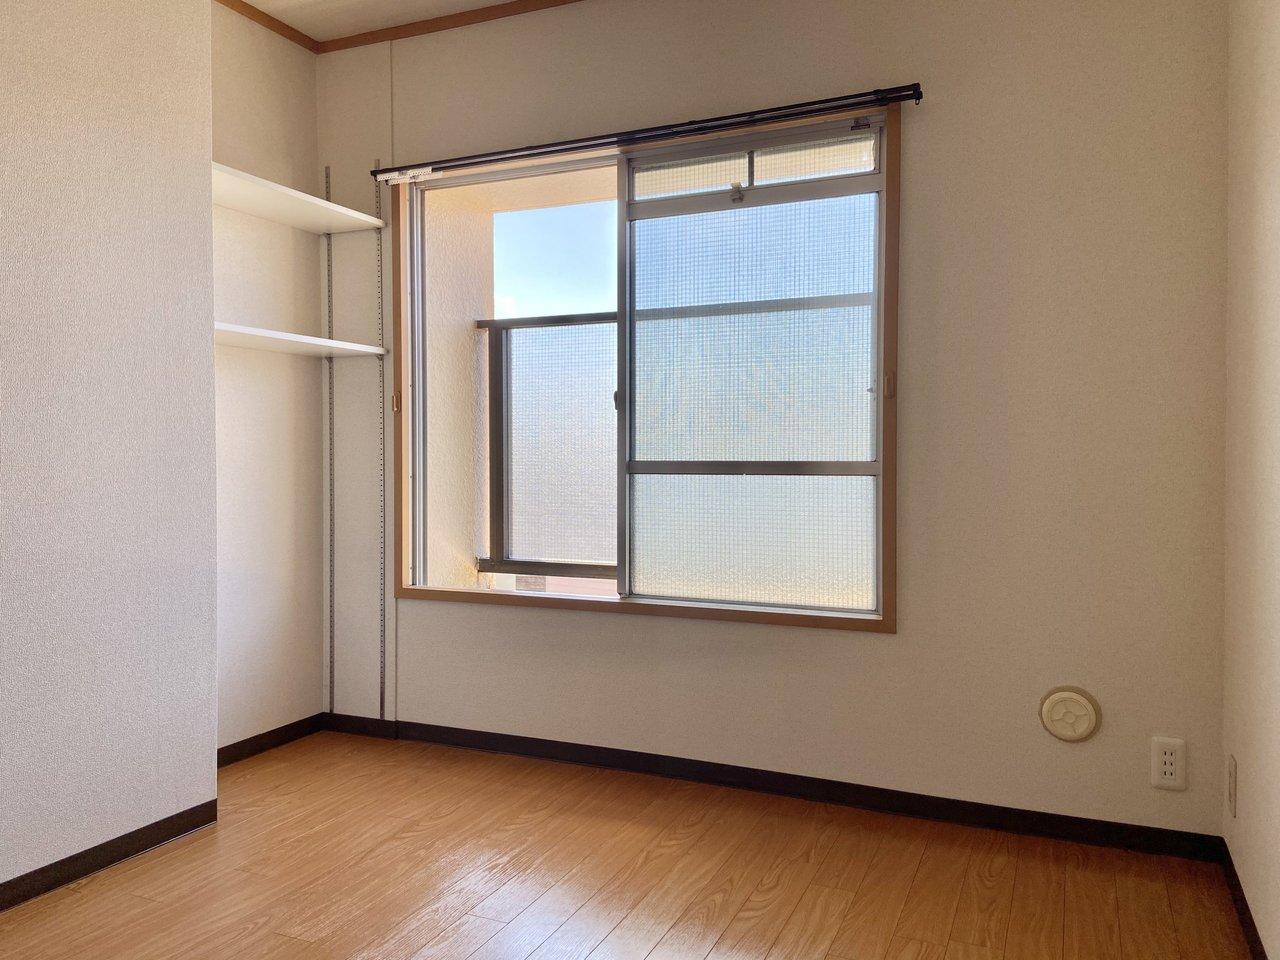 もう一つの個室も日当たり良好。可動式の収納スペースもありました。本棚などに使えそうです。